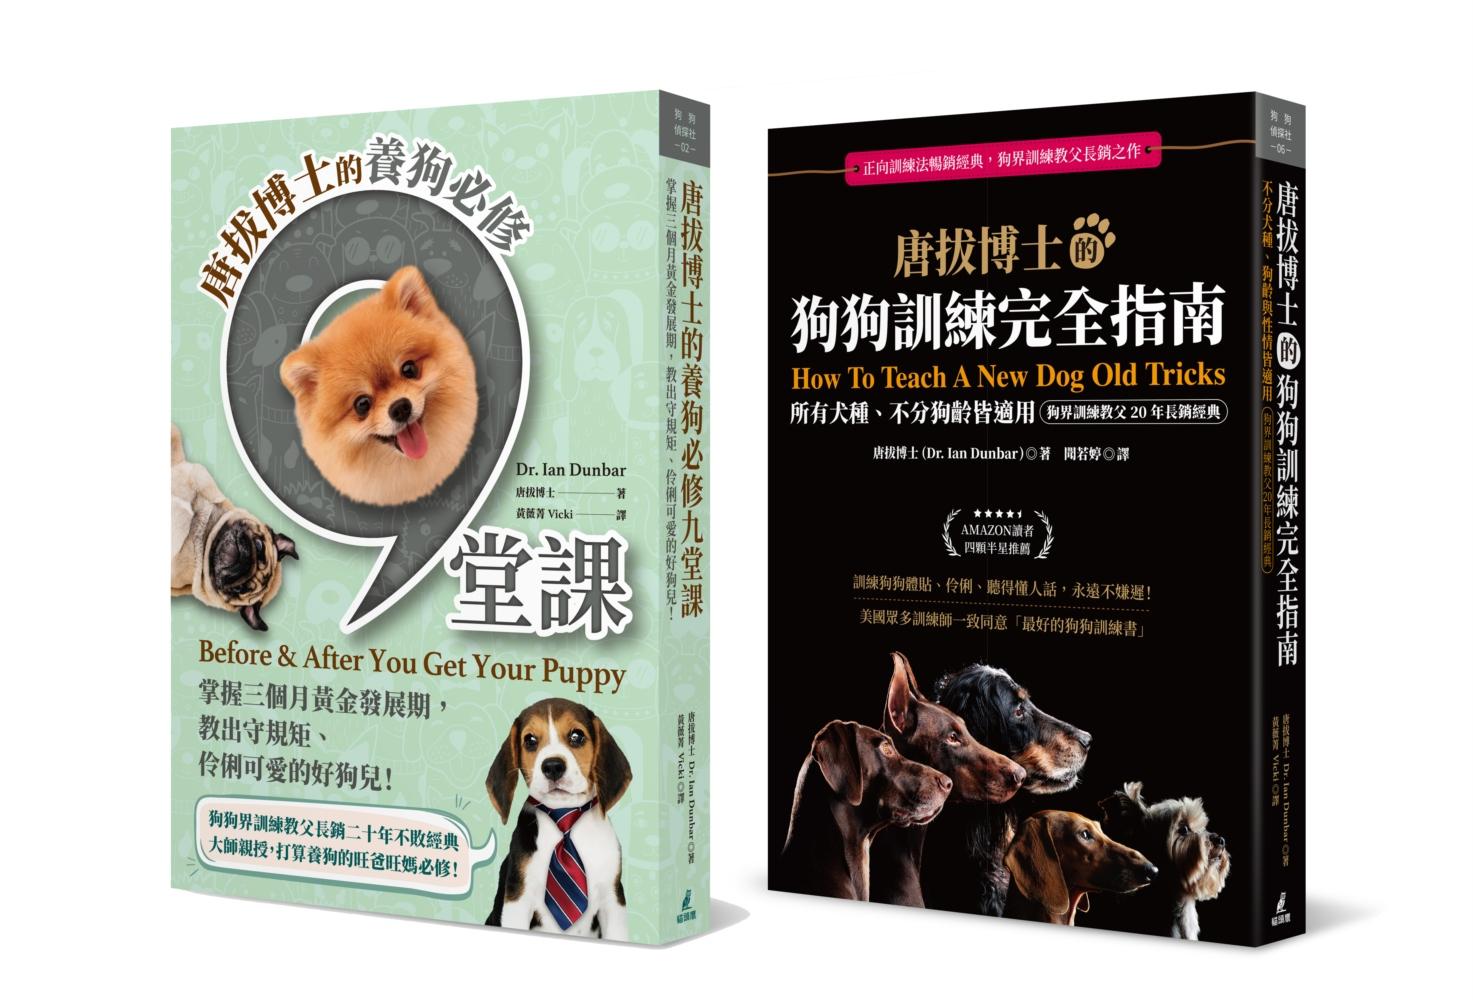 唐拔博士長銷三十年狗狗訓練經典...